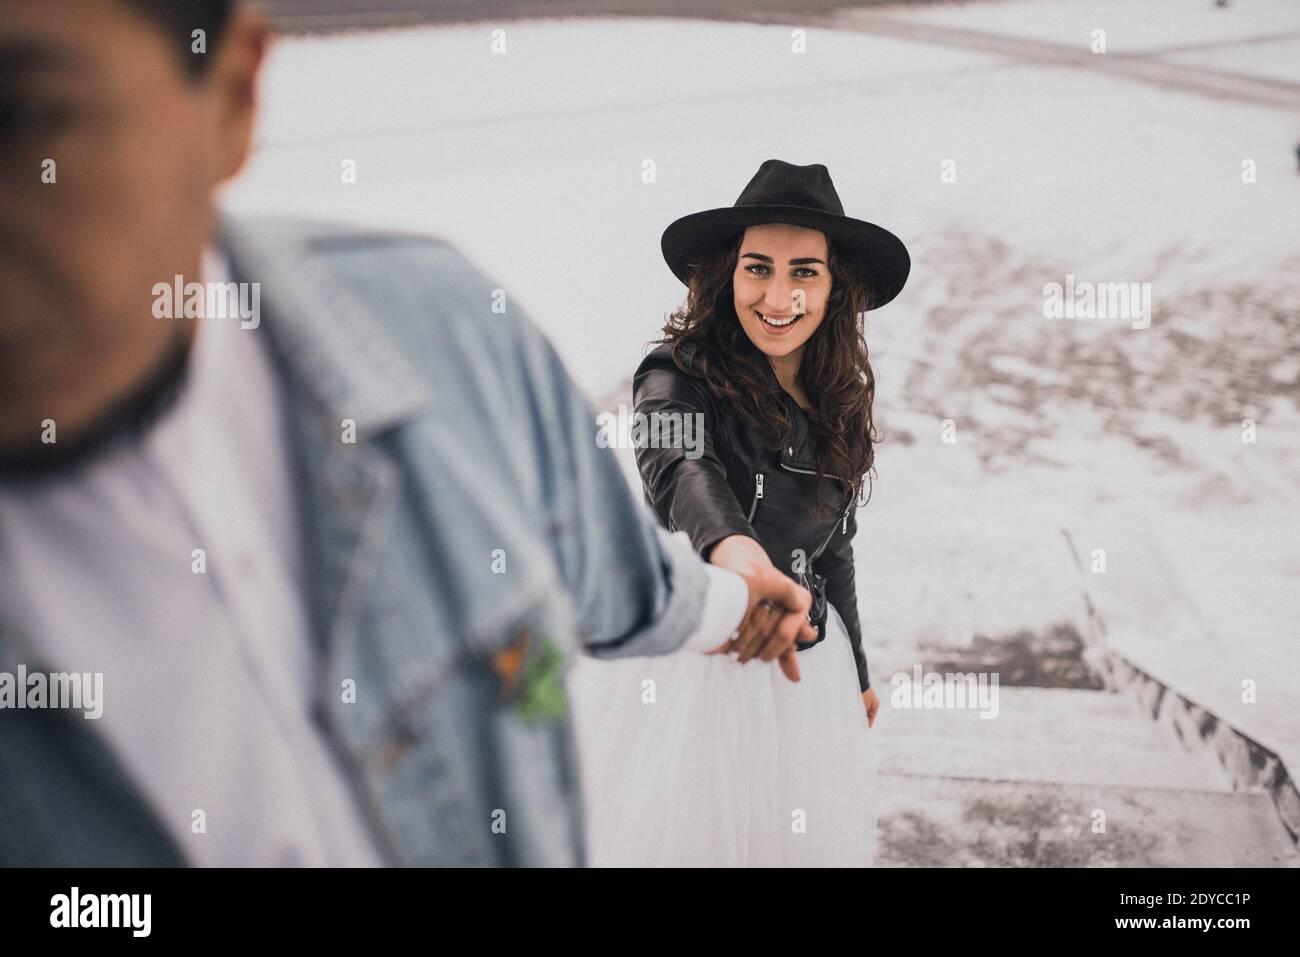 Mexikanischer hispanischer Mann in übergroßer Jeansjacke und Frau in hut Leder Biker Jacke küssen Umarmung lachend walking.groom Braut Hochzeit Ich liebe das Paar Stockfoto